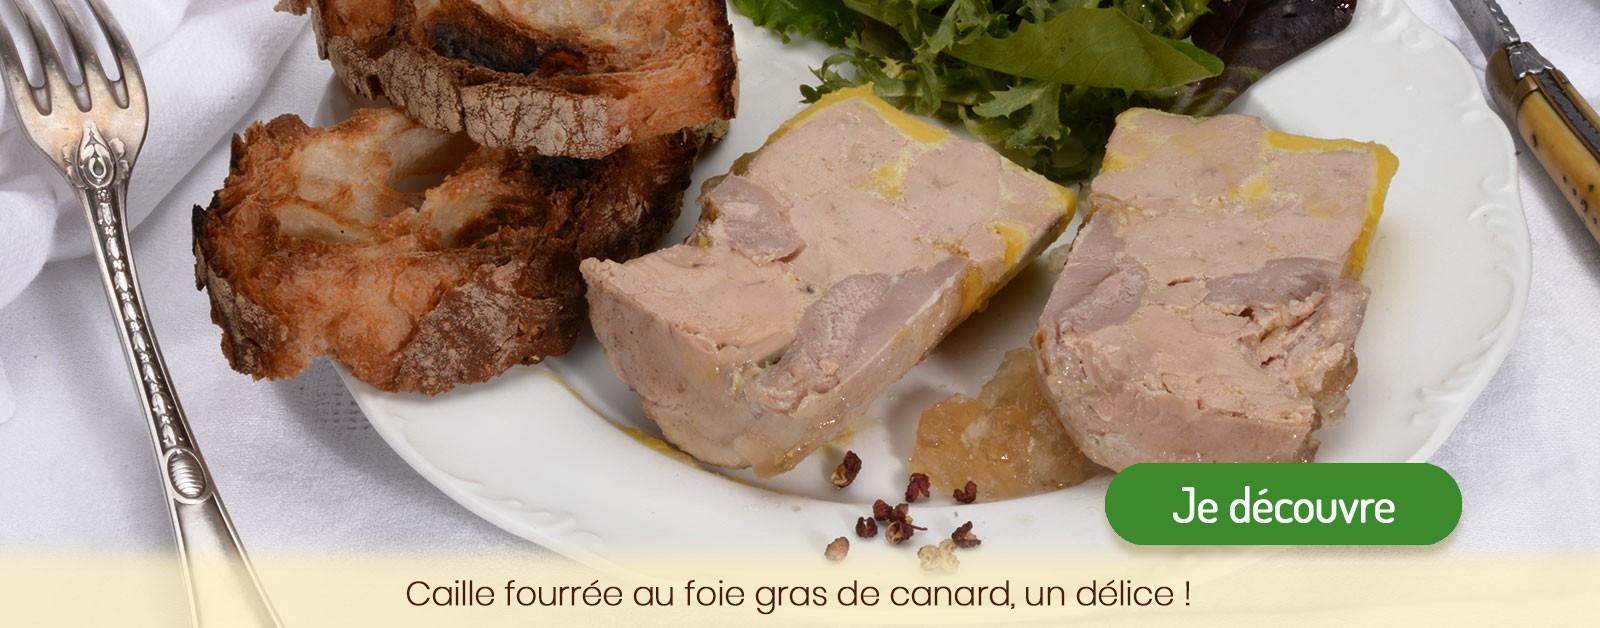 Découvrez notre spécialité : la caille fourrée au foie gras